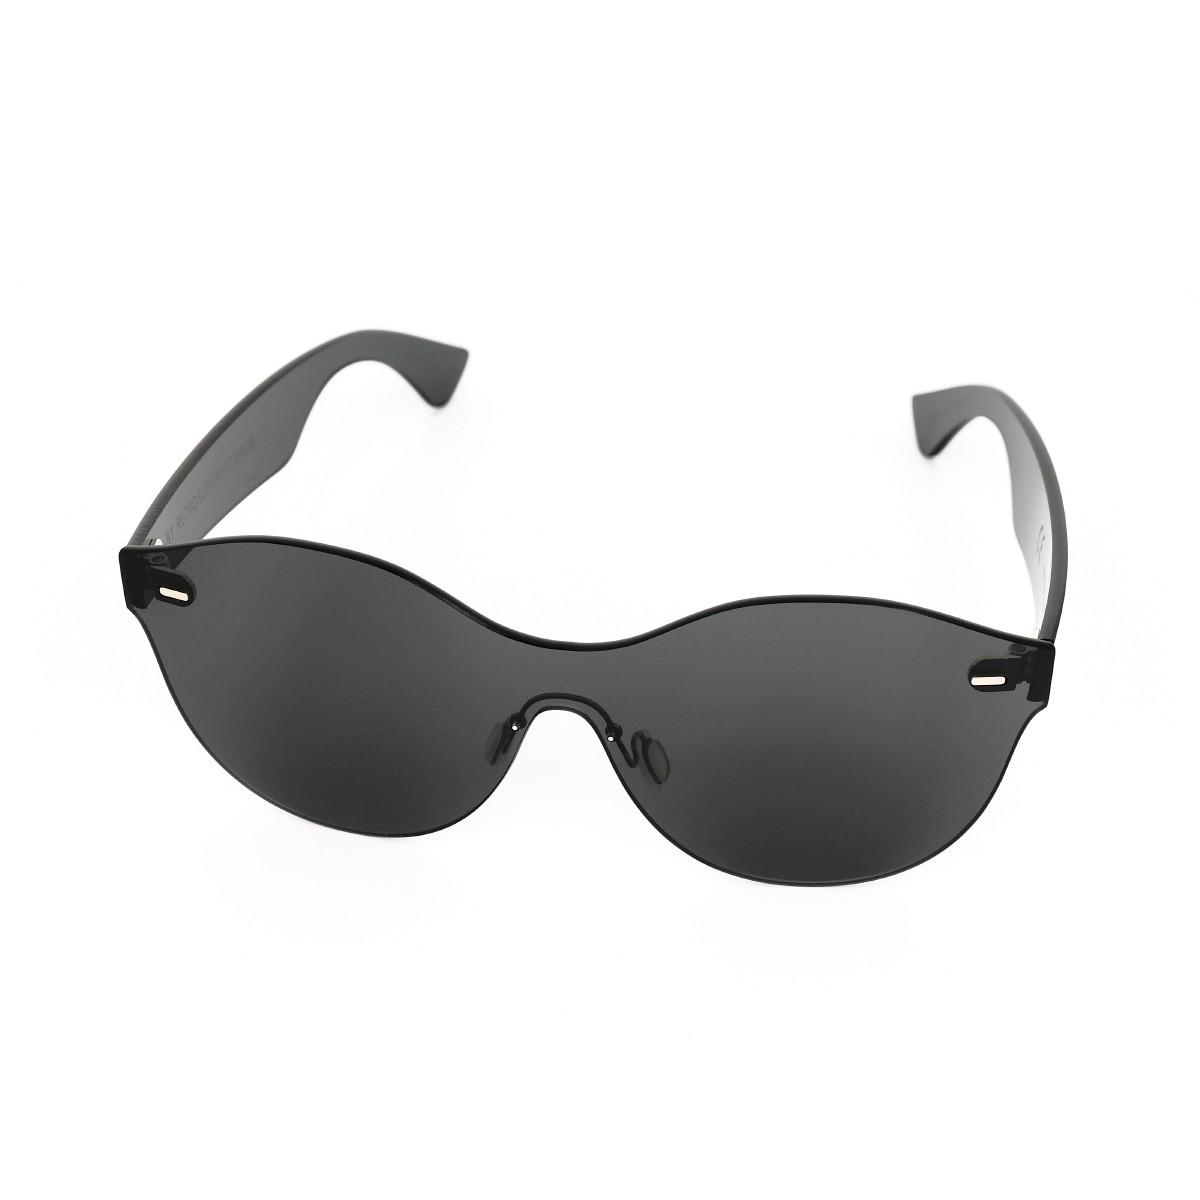 Super Tuttolente Mona Black, 136,00€, Occhiali Super Nero a forma Mascherina